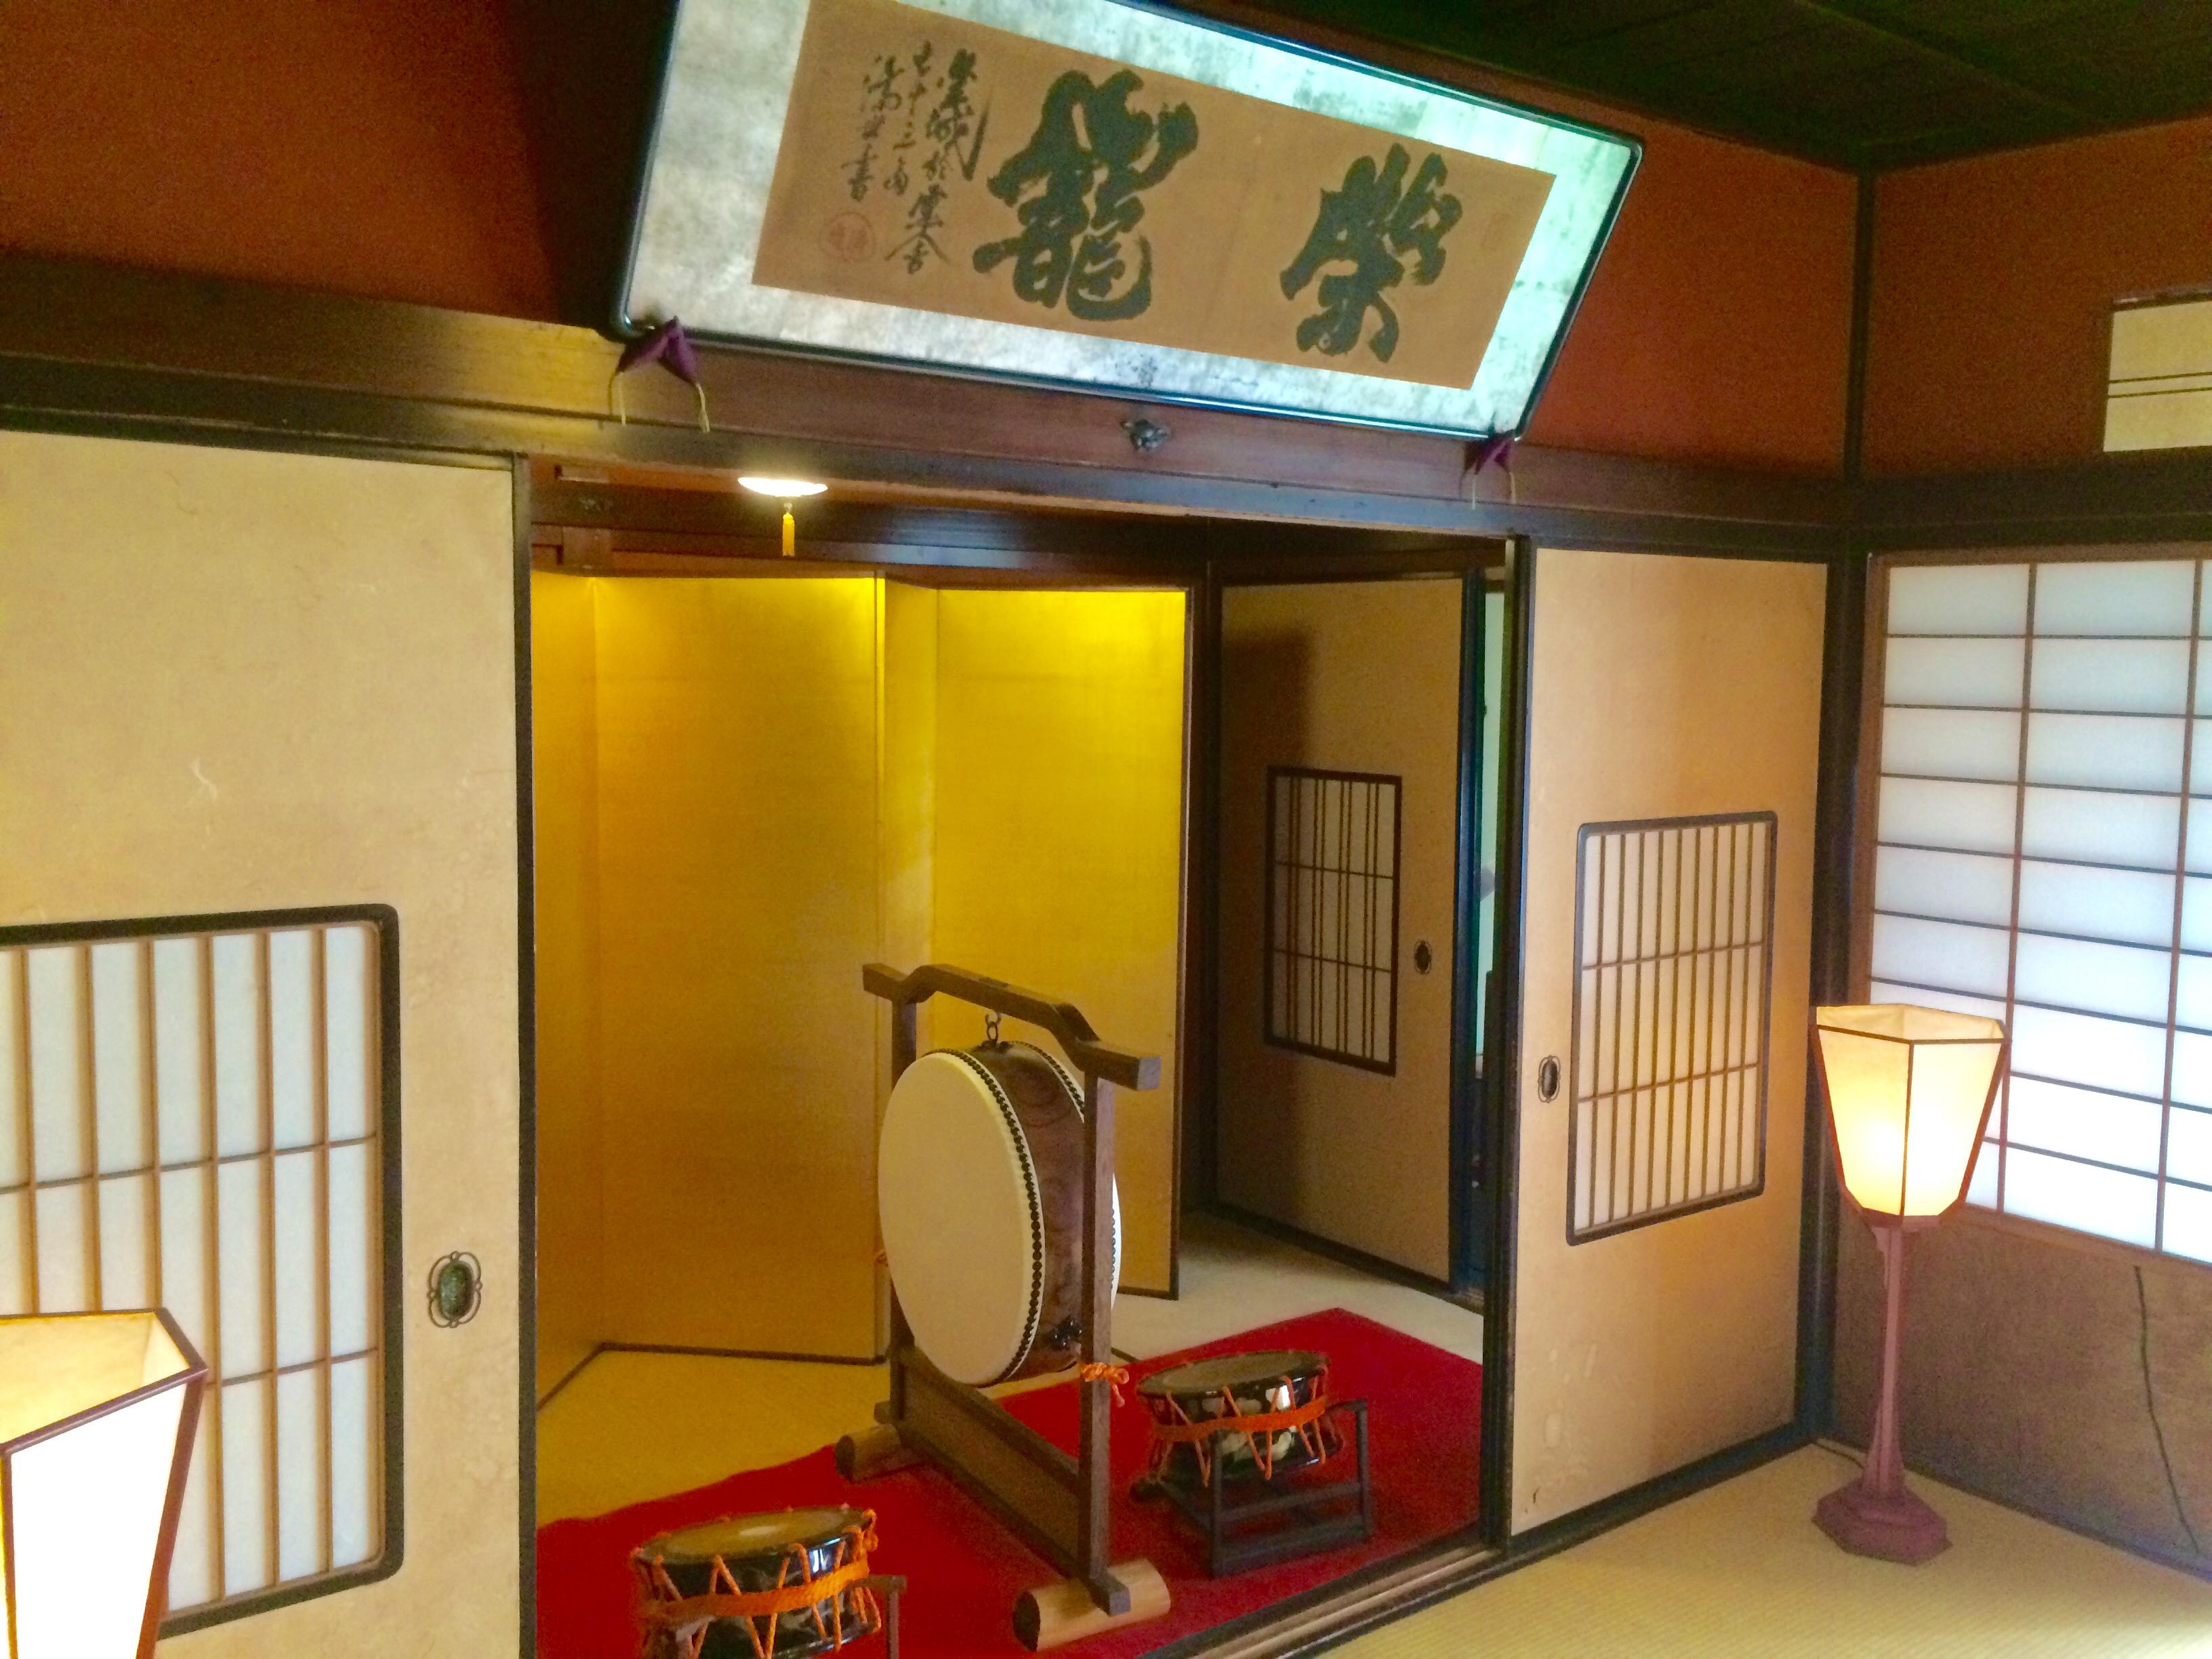 金沢の人気スポット-東の茶屋街-志摩-8